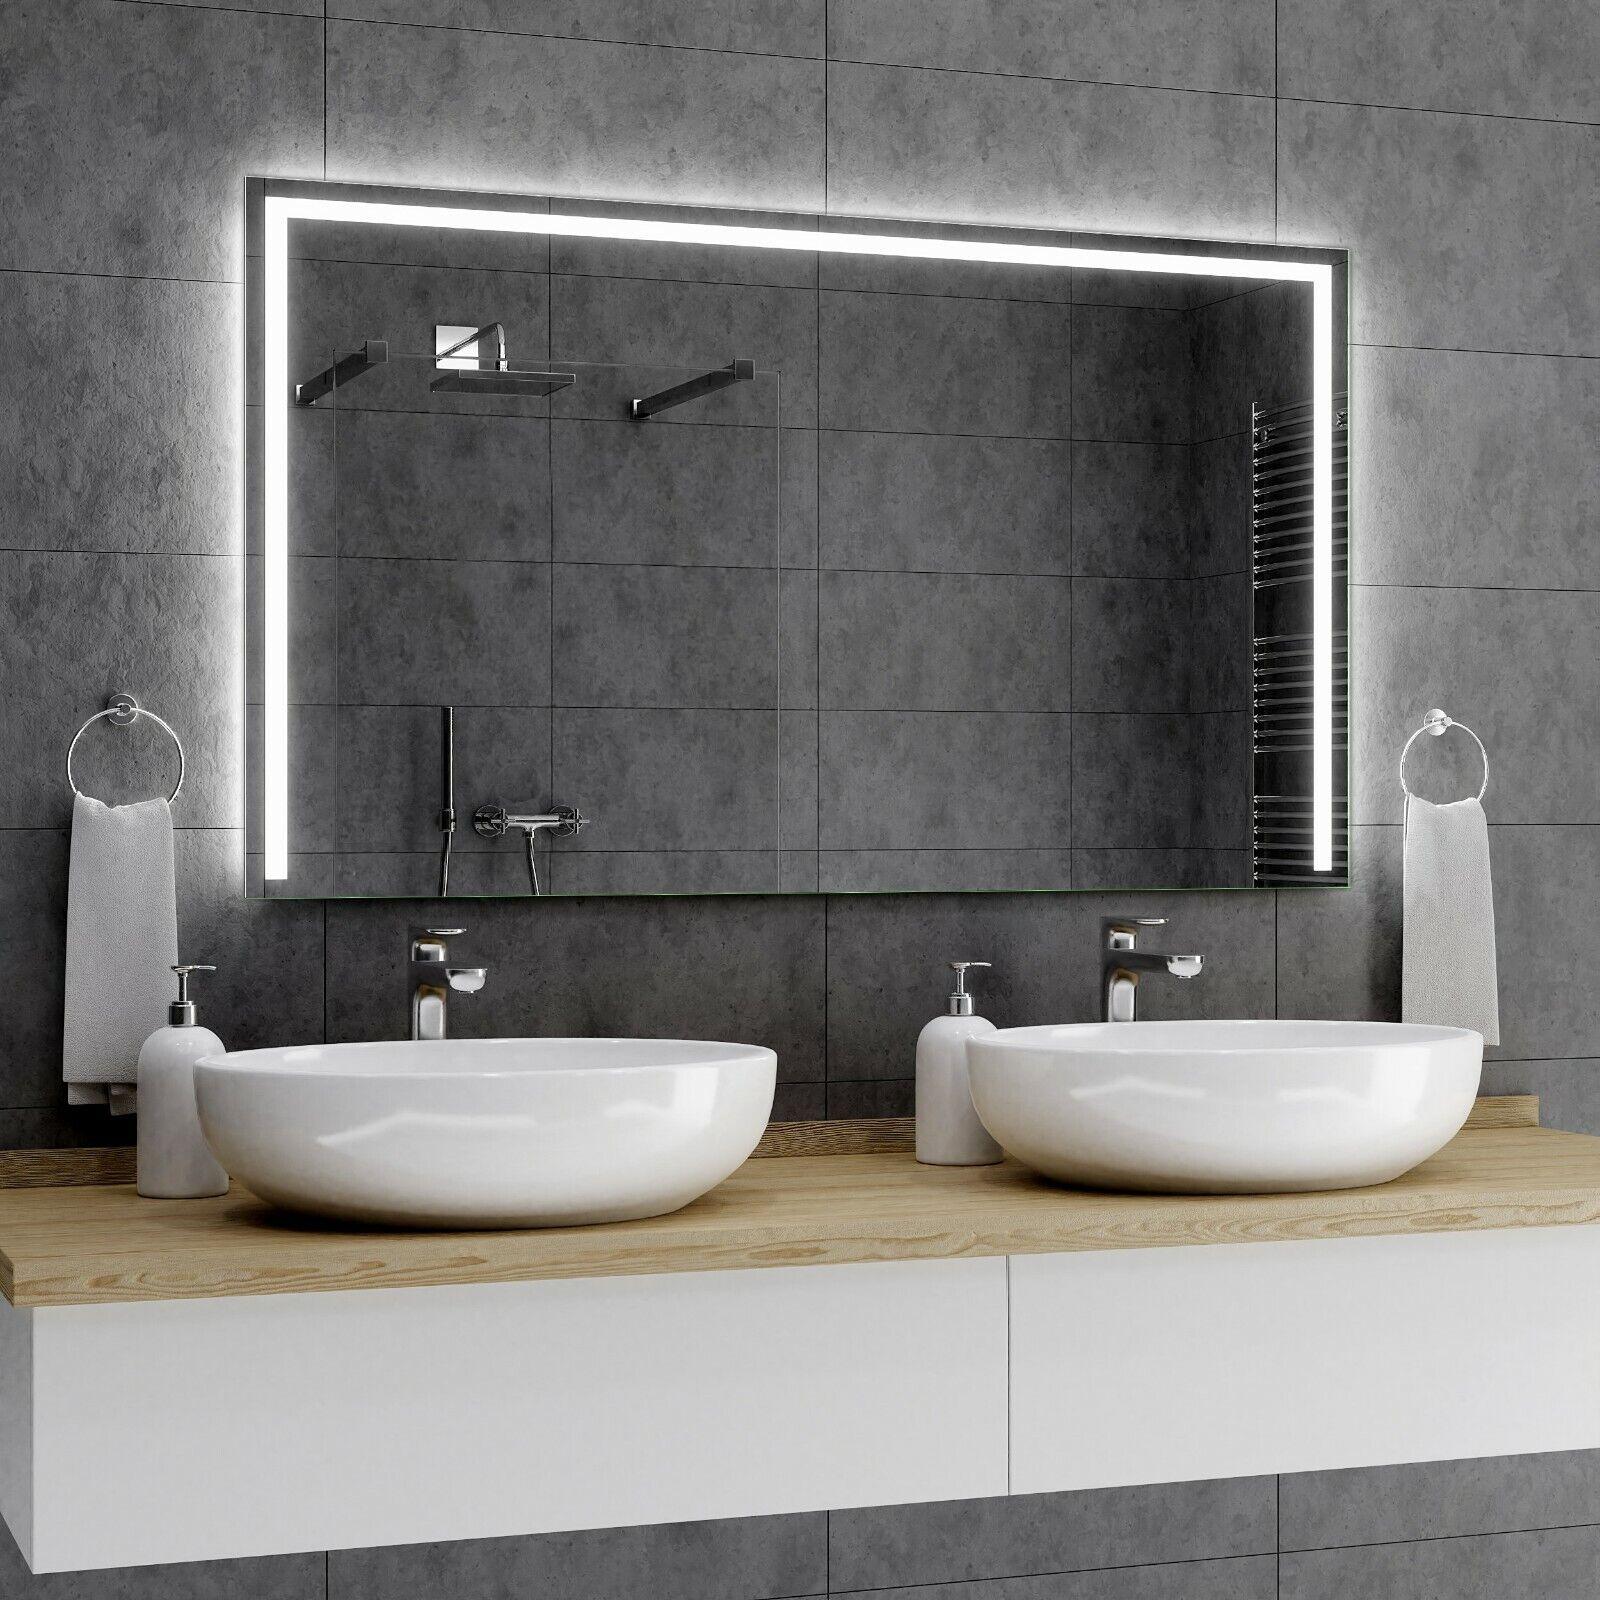 SYDNEY Badspiegel mit LED Beleuchtung Wandspiegel Badezimmerspiegel nach Maß A01